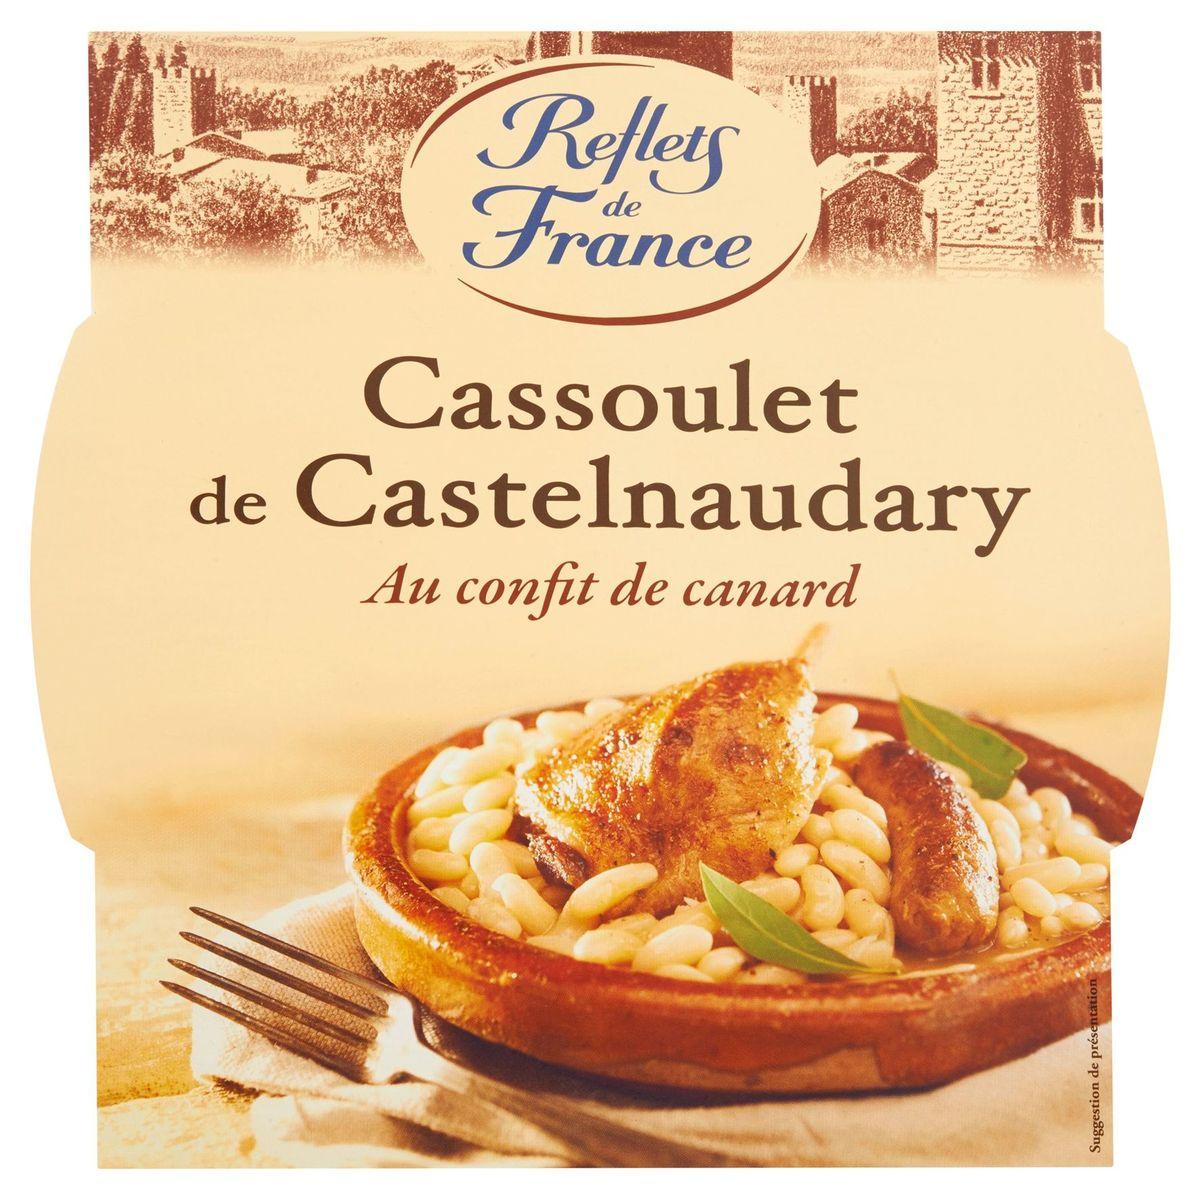 Reflets de France Cassoulet de Castelnaudary au Confit de Canard 300 g